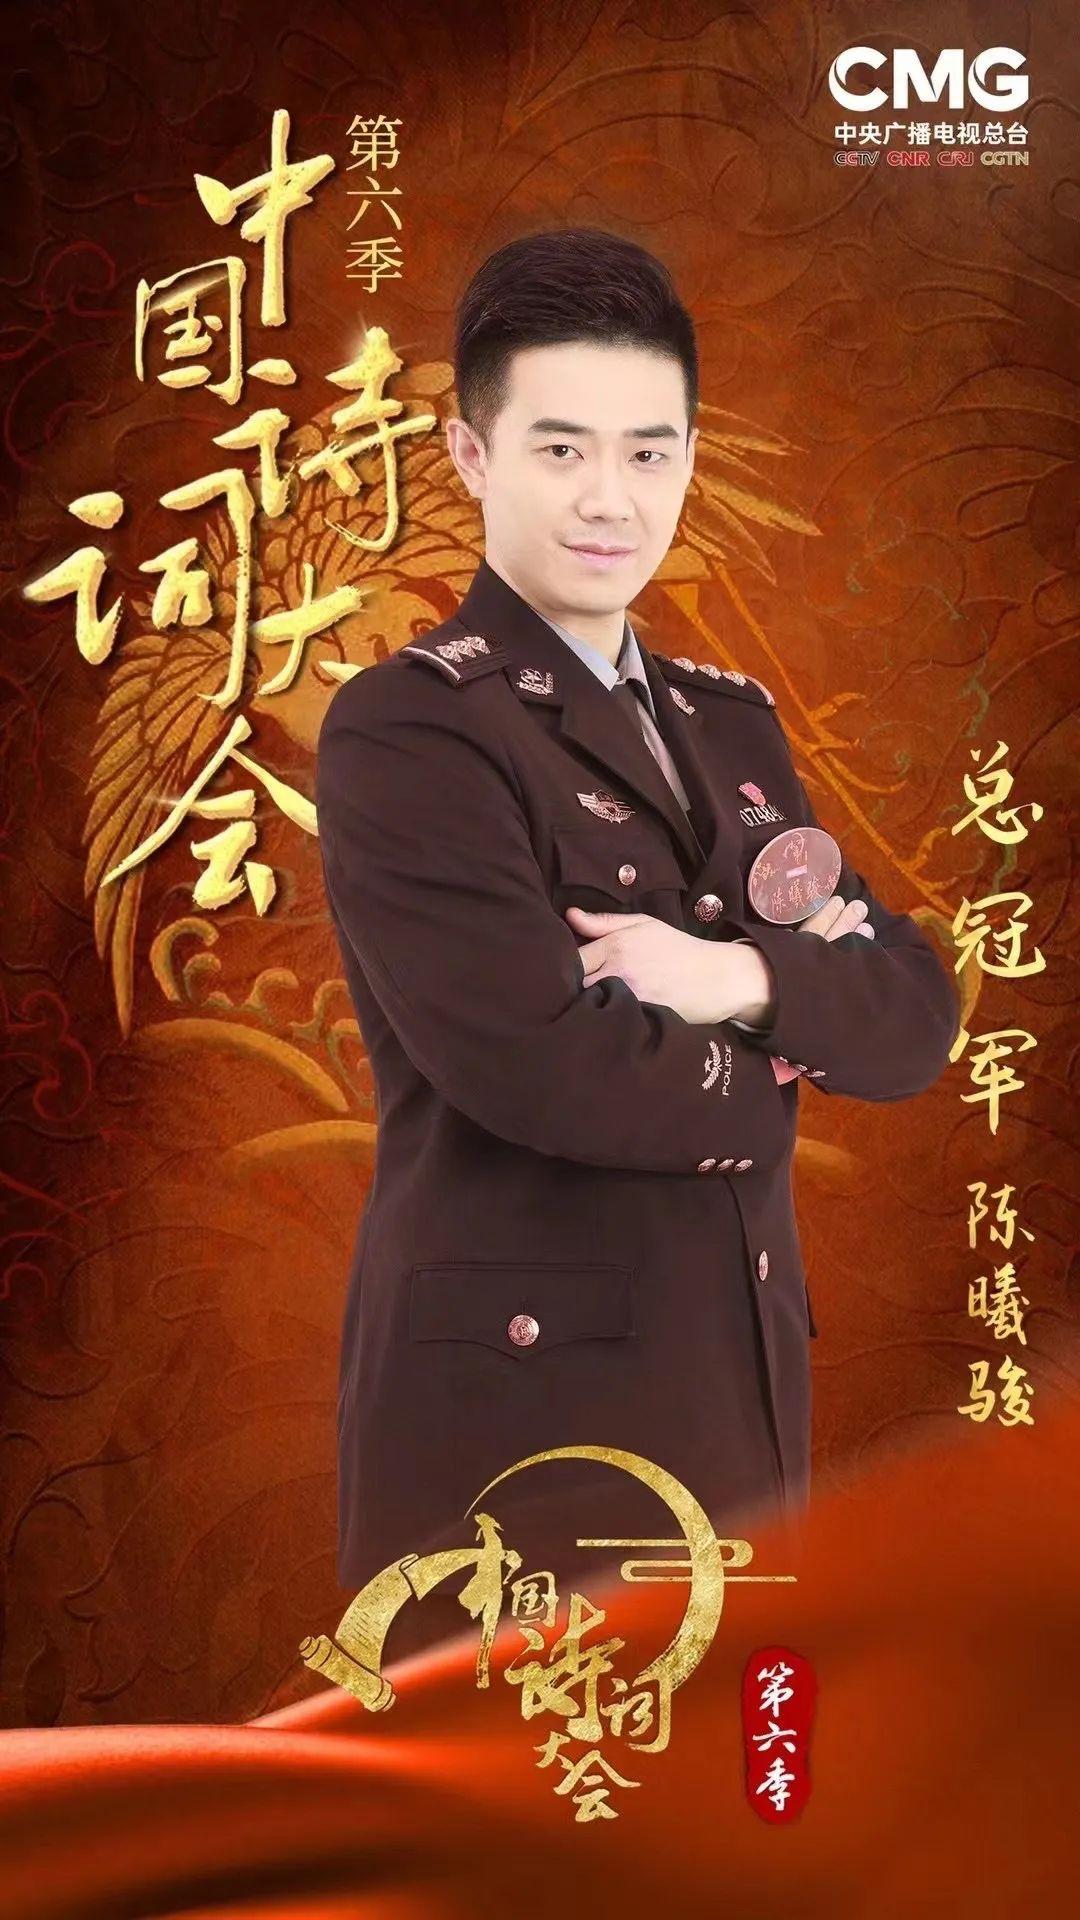 中国诗词大会第六季总冠军!